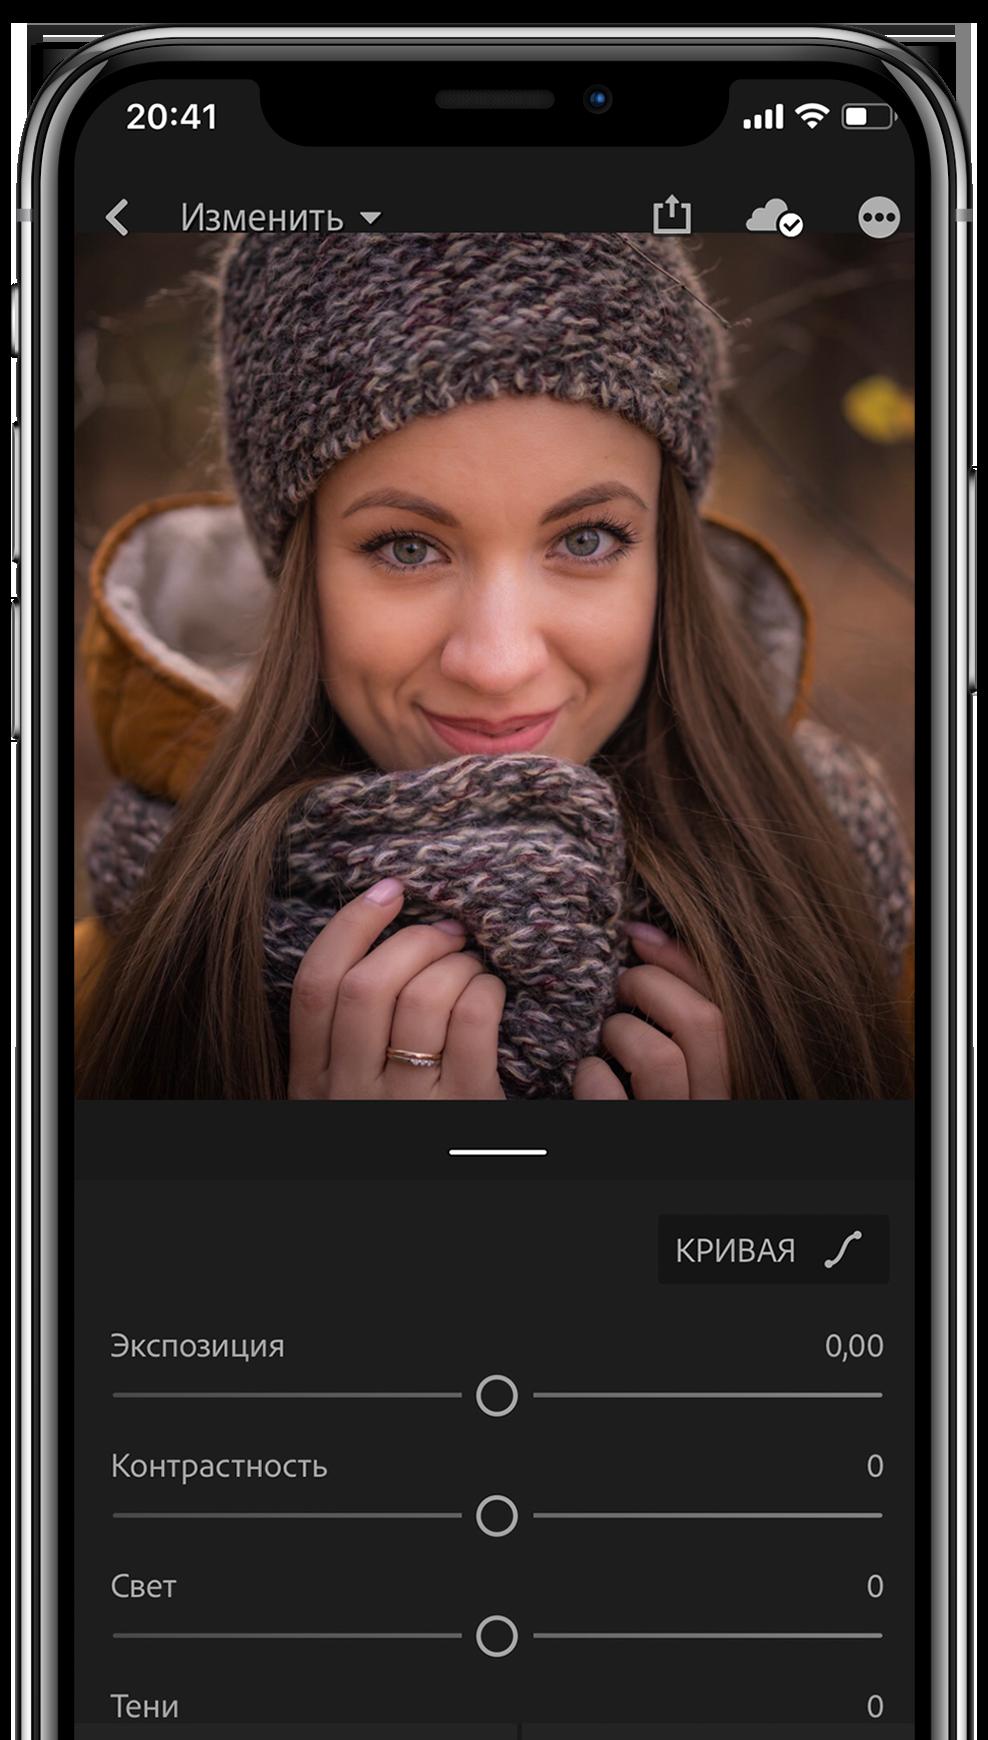 Приложения для качественной обработки фото